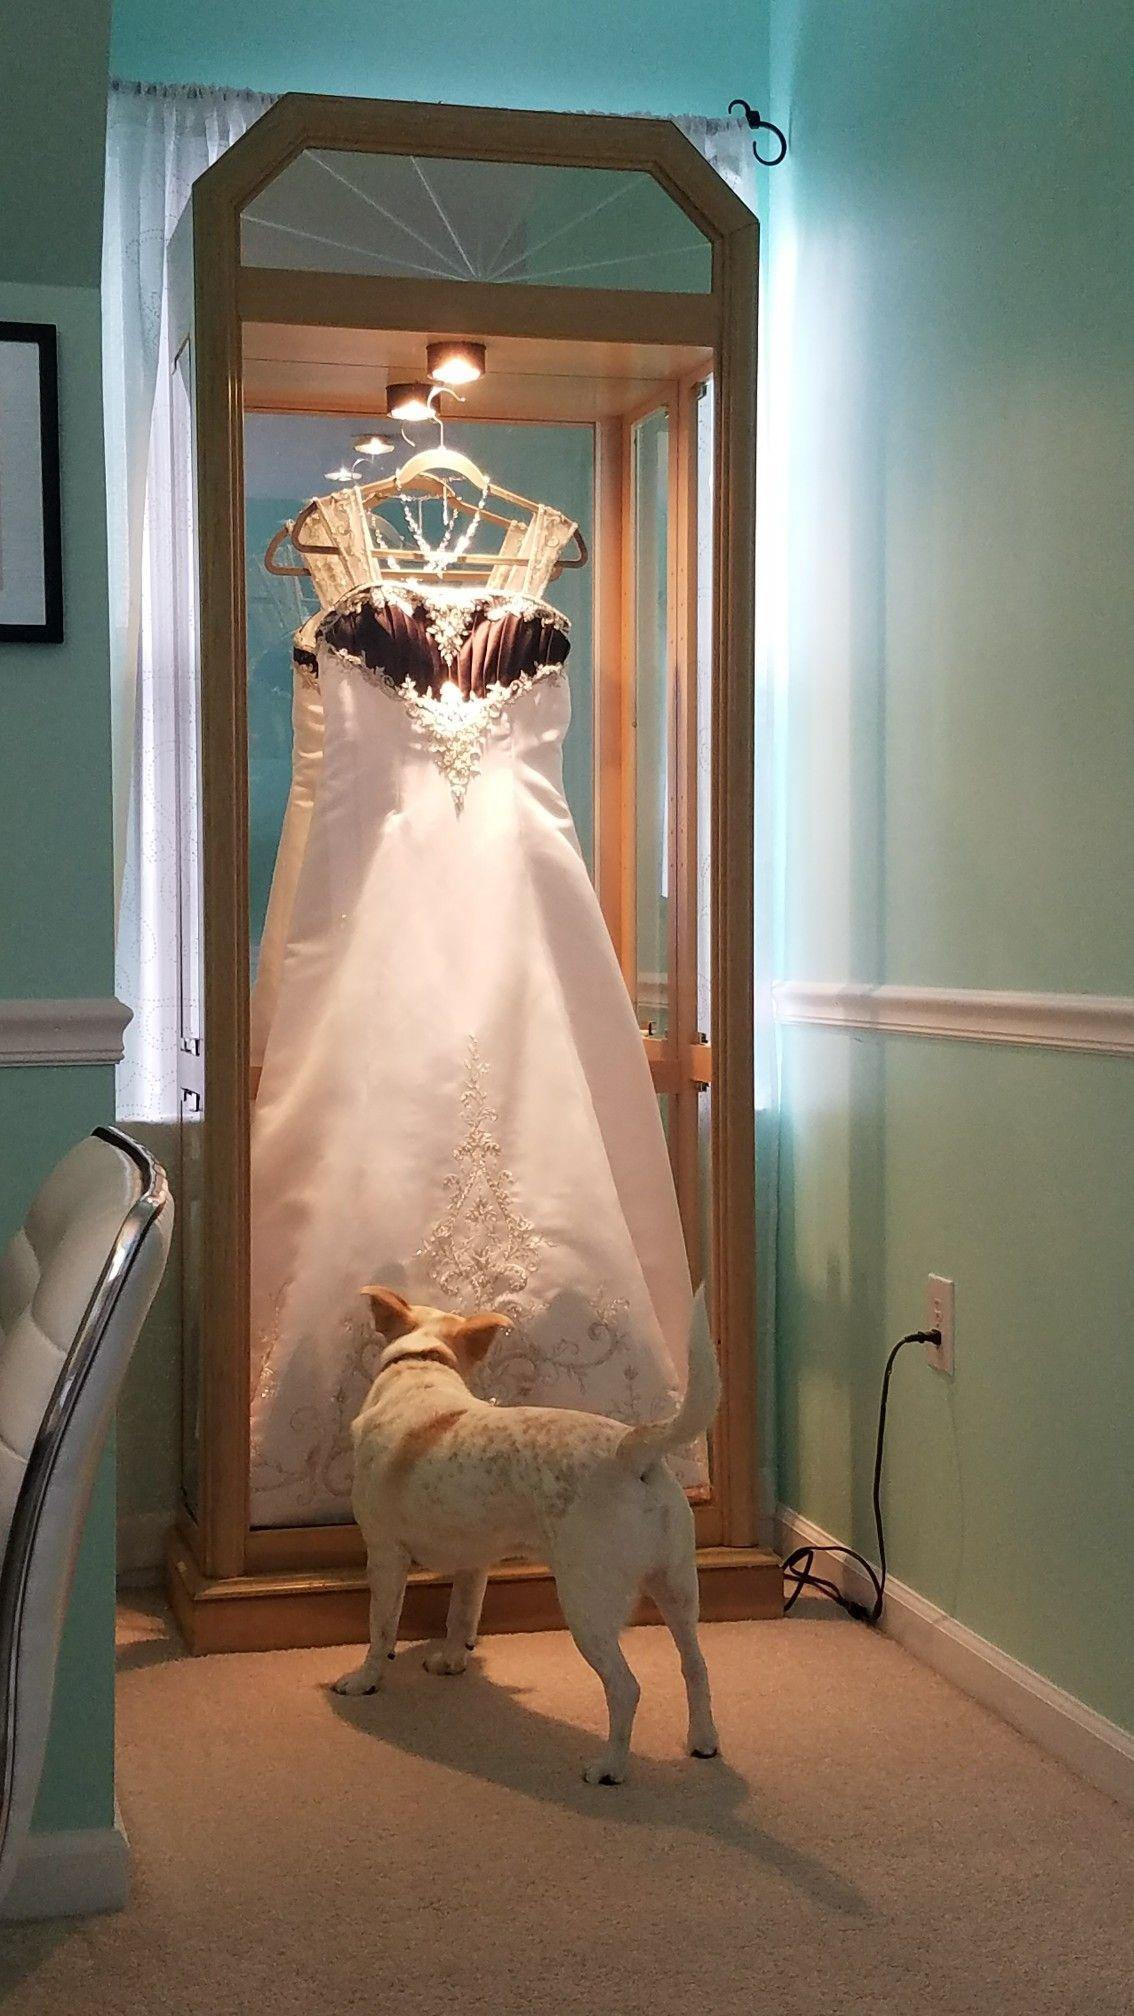 Framed wedding dress in a curio wedding dress